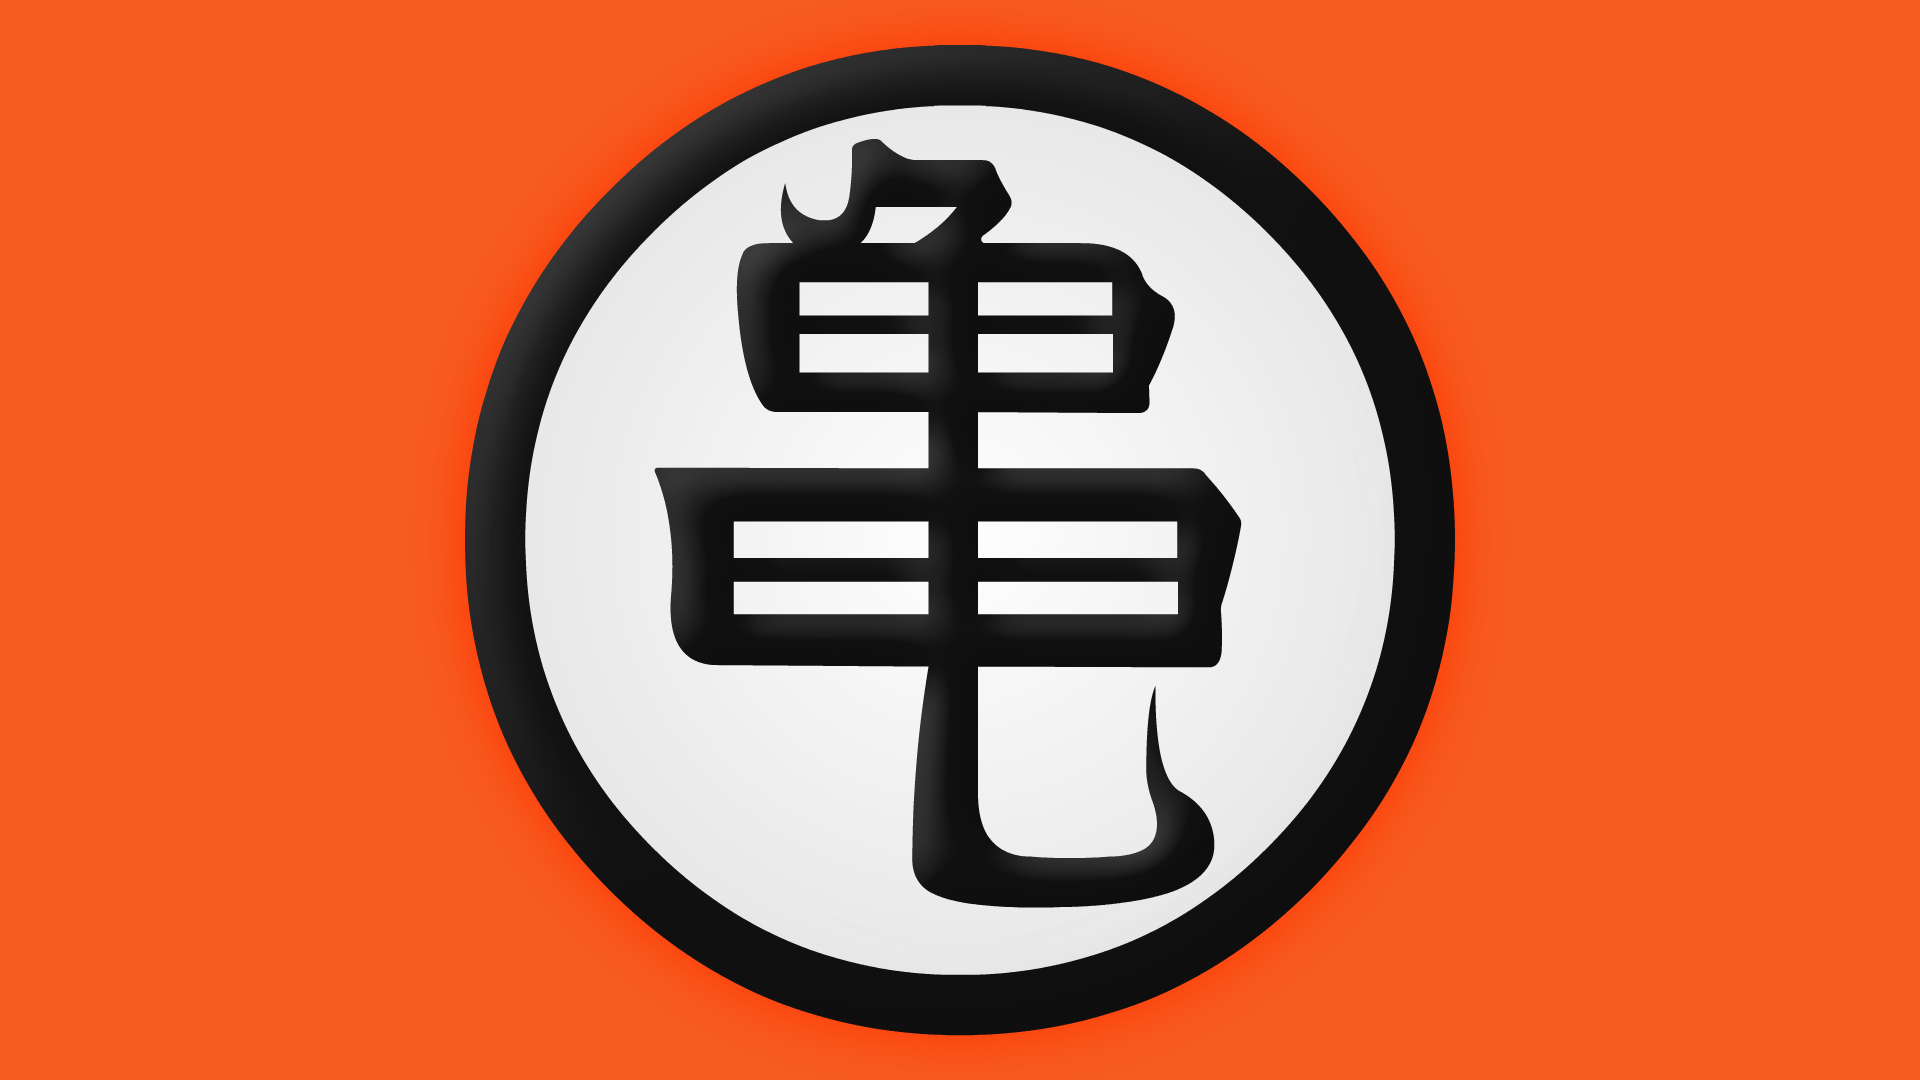 Master Roshi Symbol Tattoo